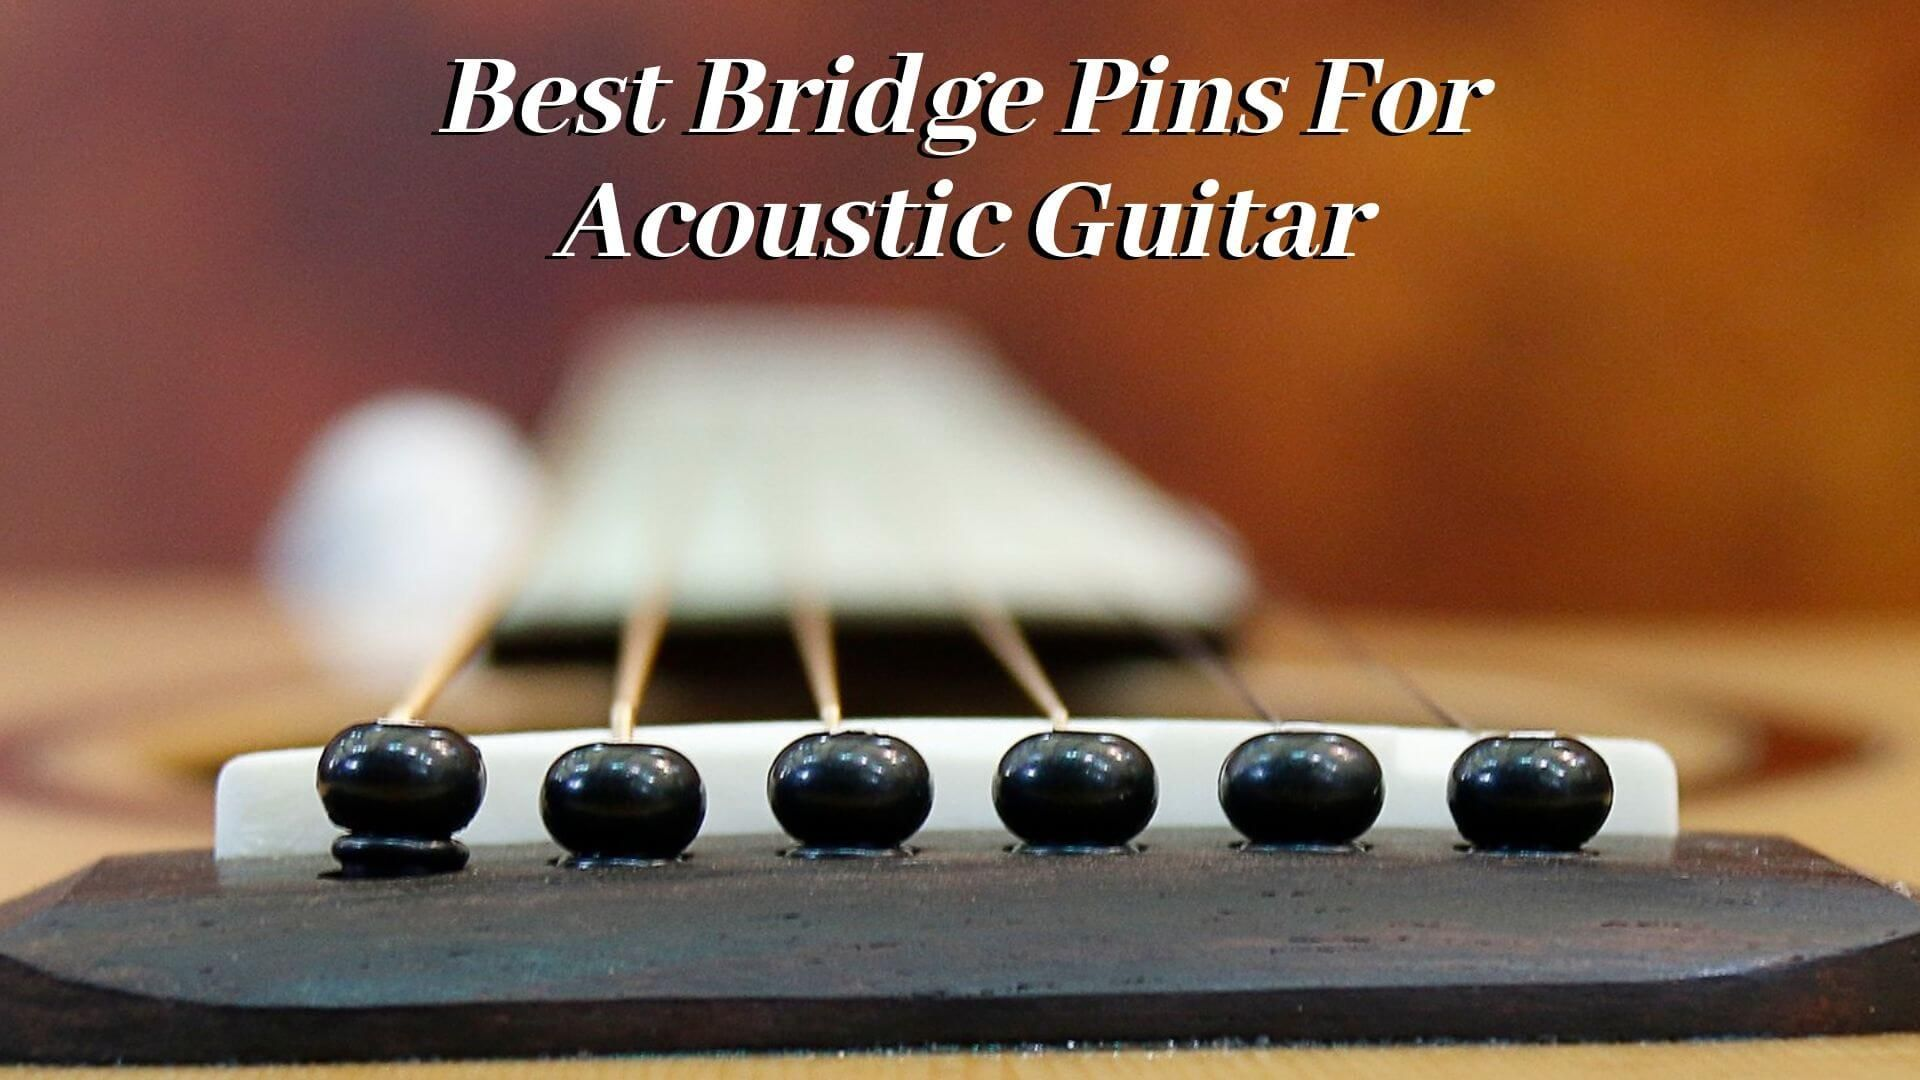 Best Bridge Pins For Acoustic Guitar Acoustic Guitar Acoustic Guitar